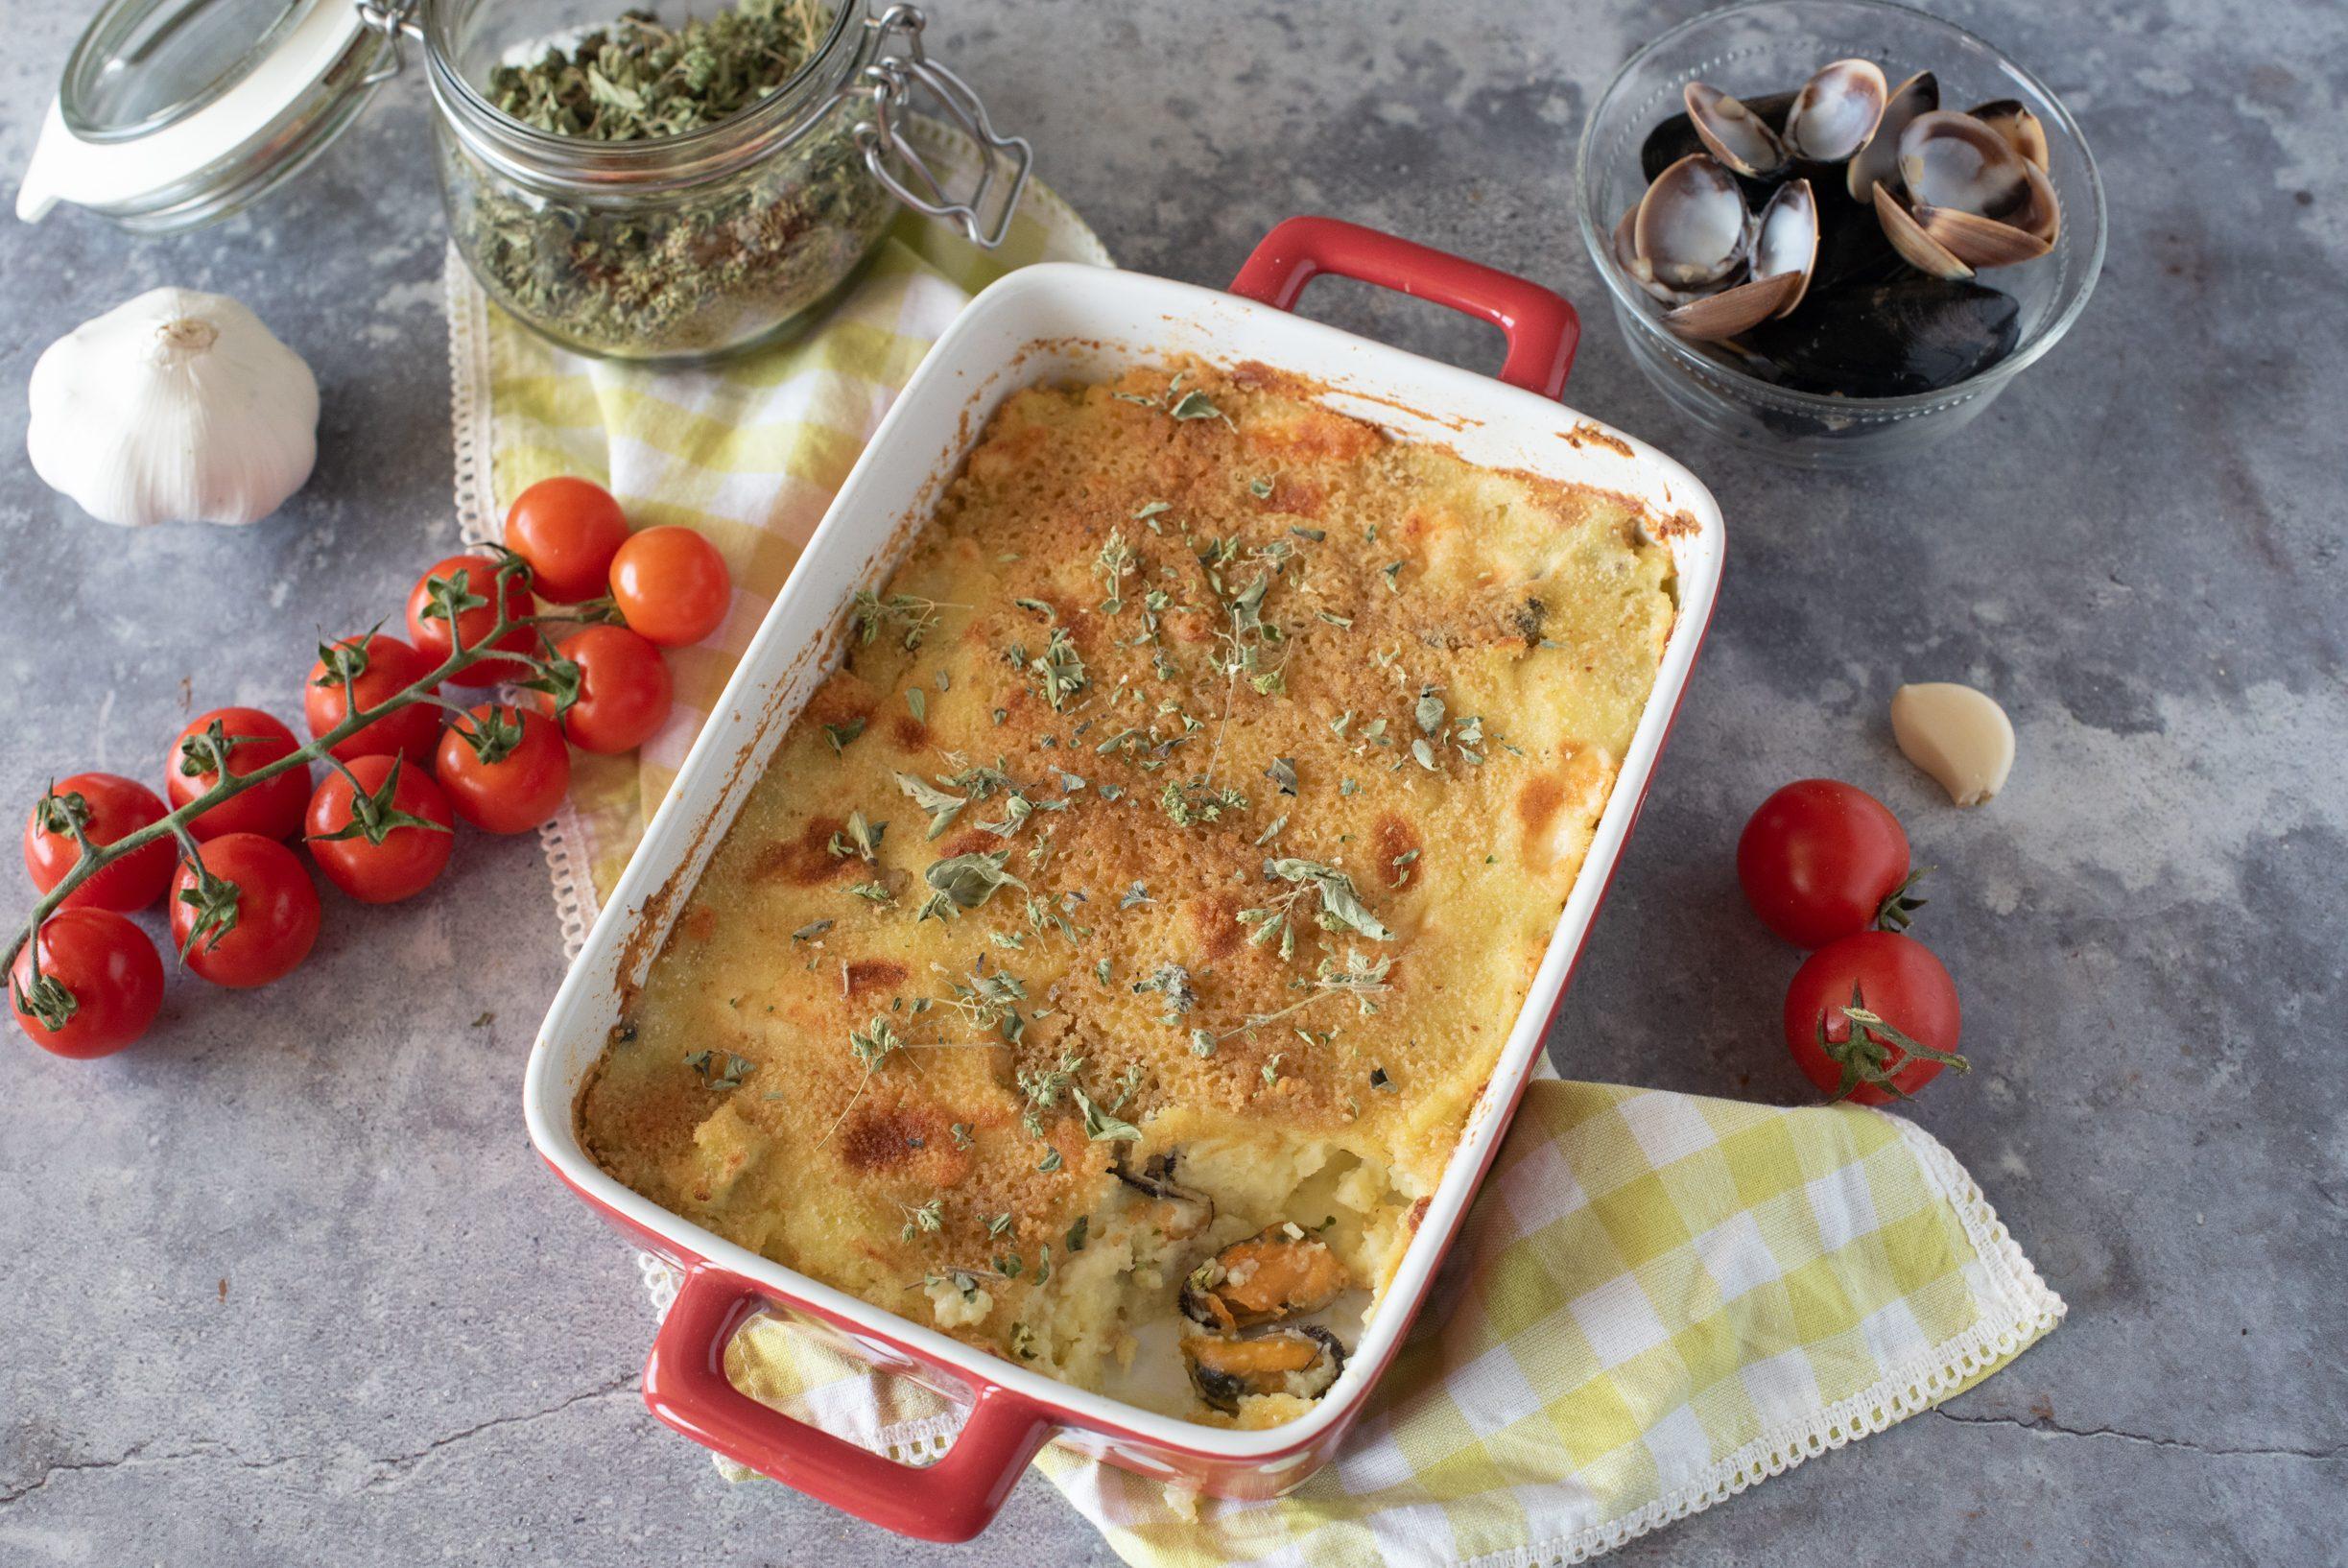 Gâteau di mare: la ricetta del celebre piatto napoletano in versione mediterranea